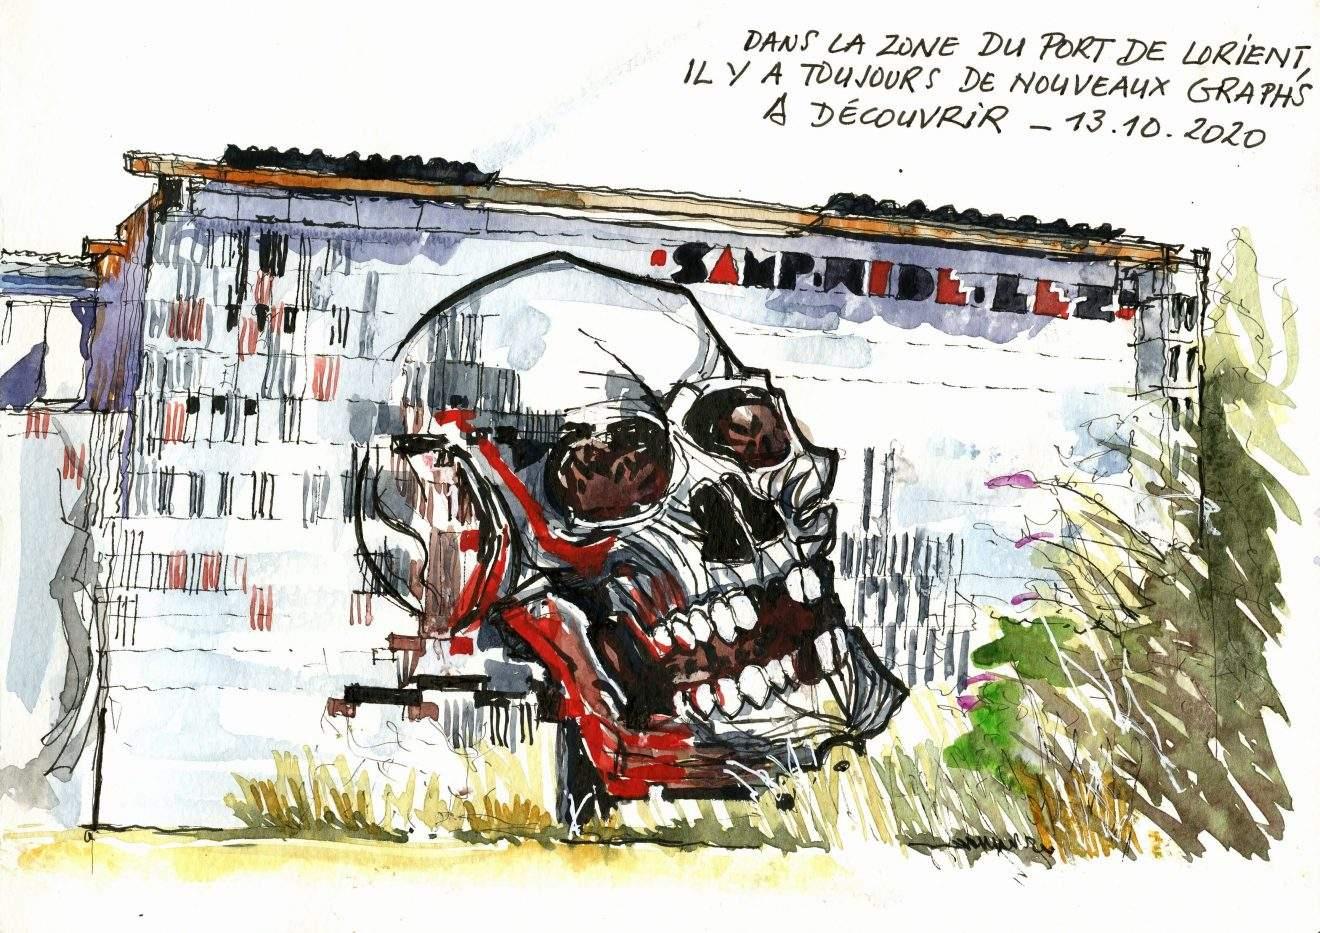 dARRIS Lorient - Graph dans le port - 13 10 2020